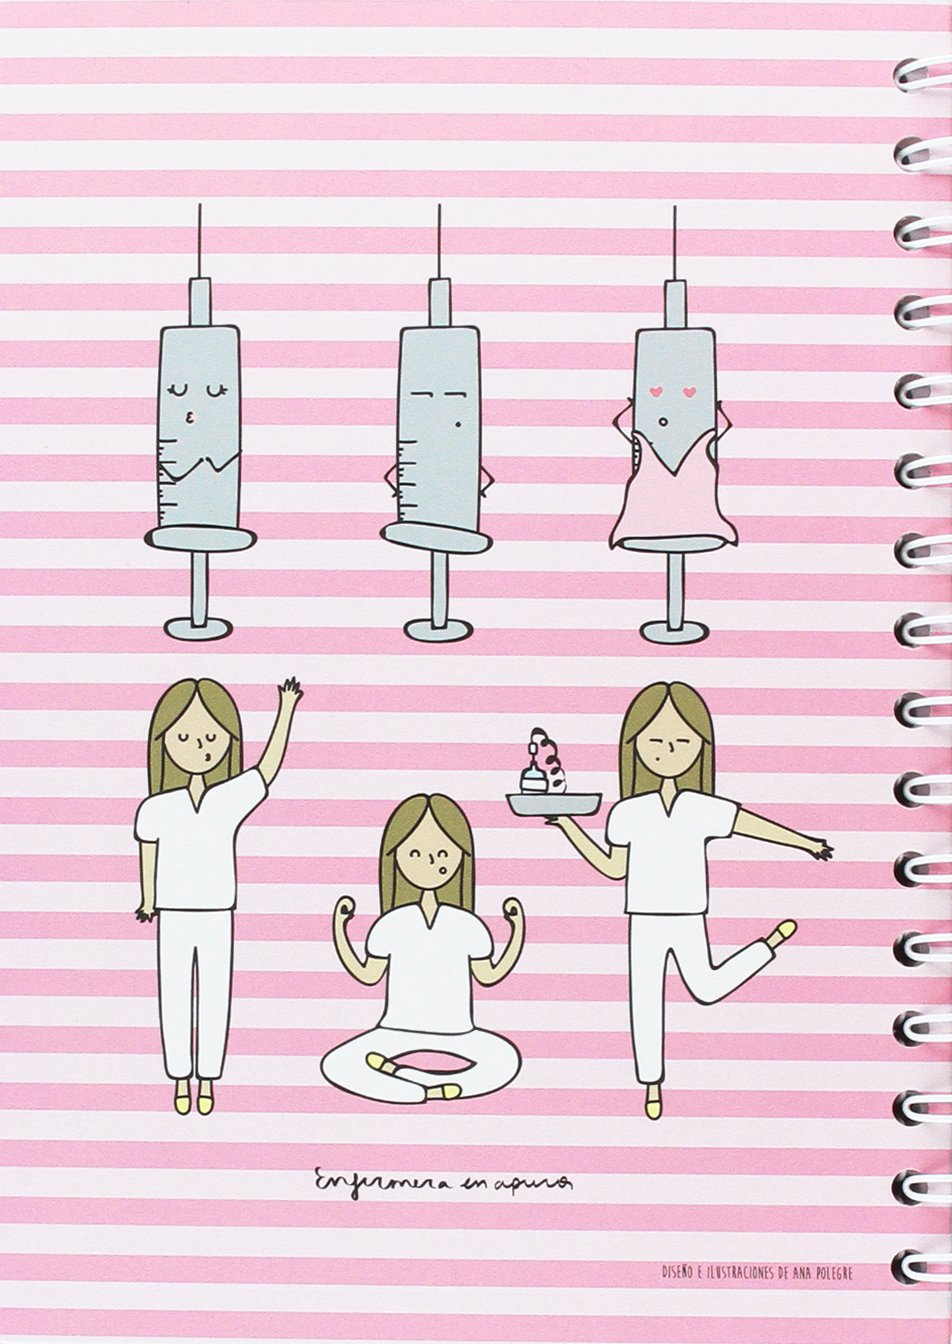 Pack enfermera en apuros (Autoayuda y superación): Amazon.es ...